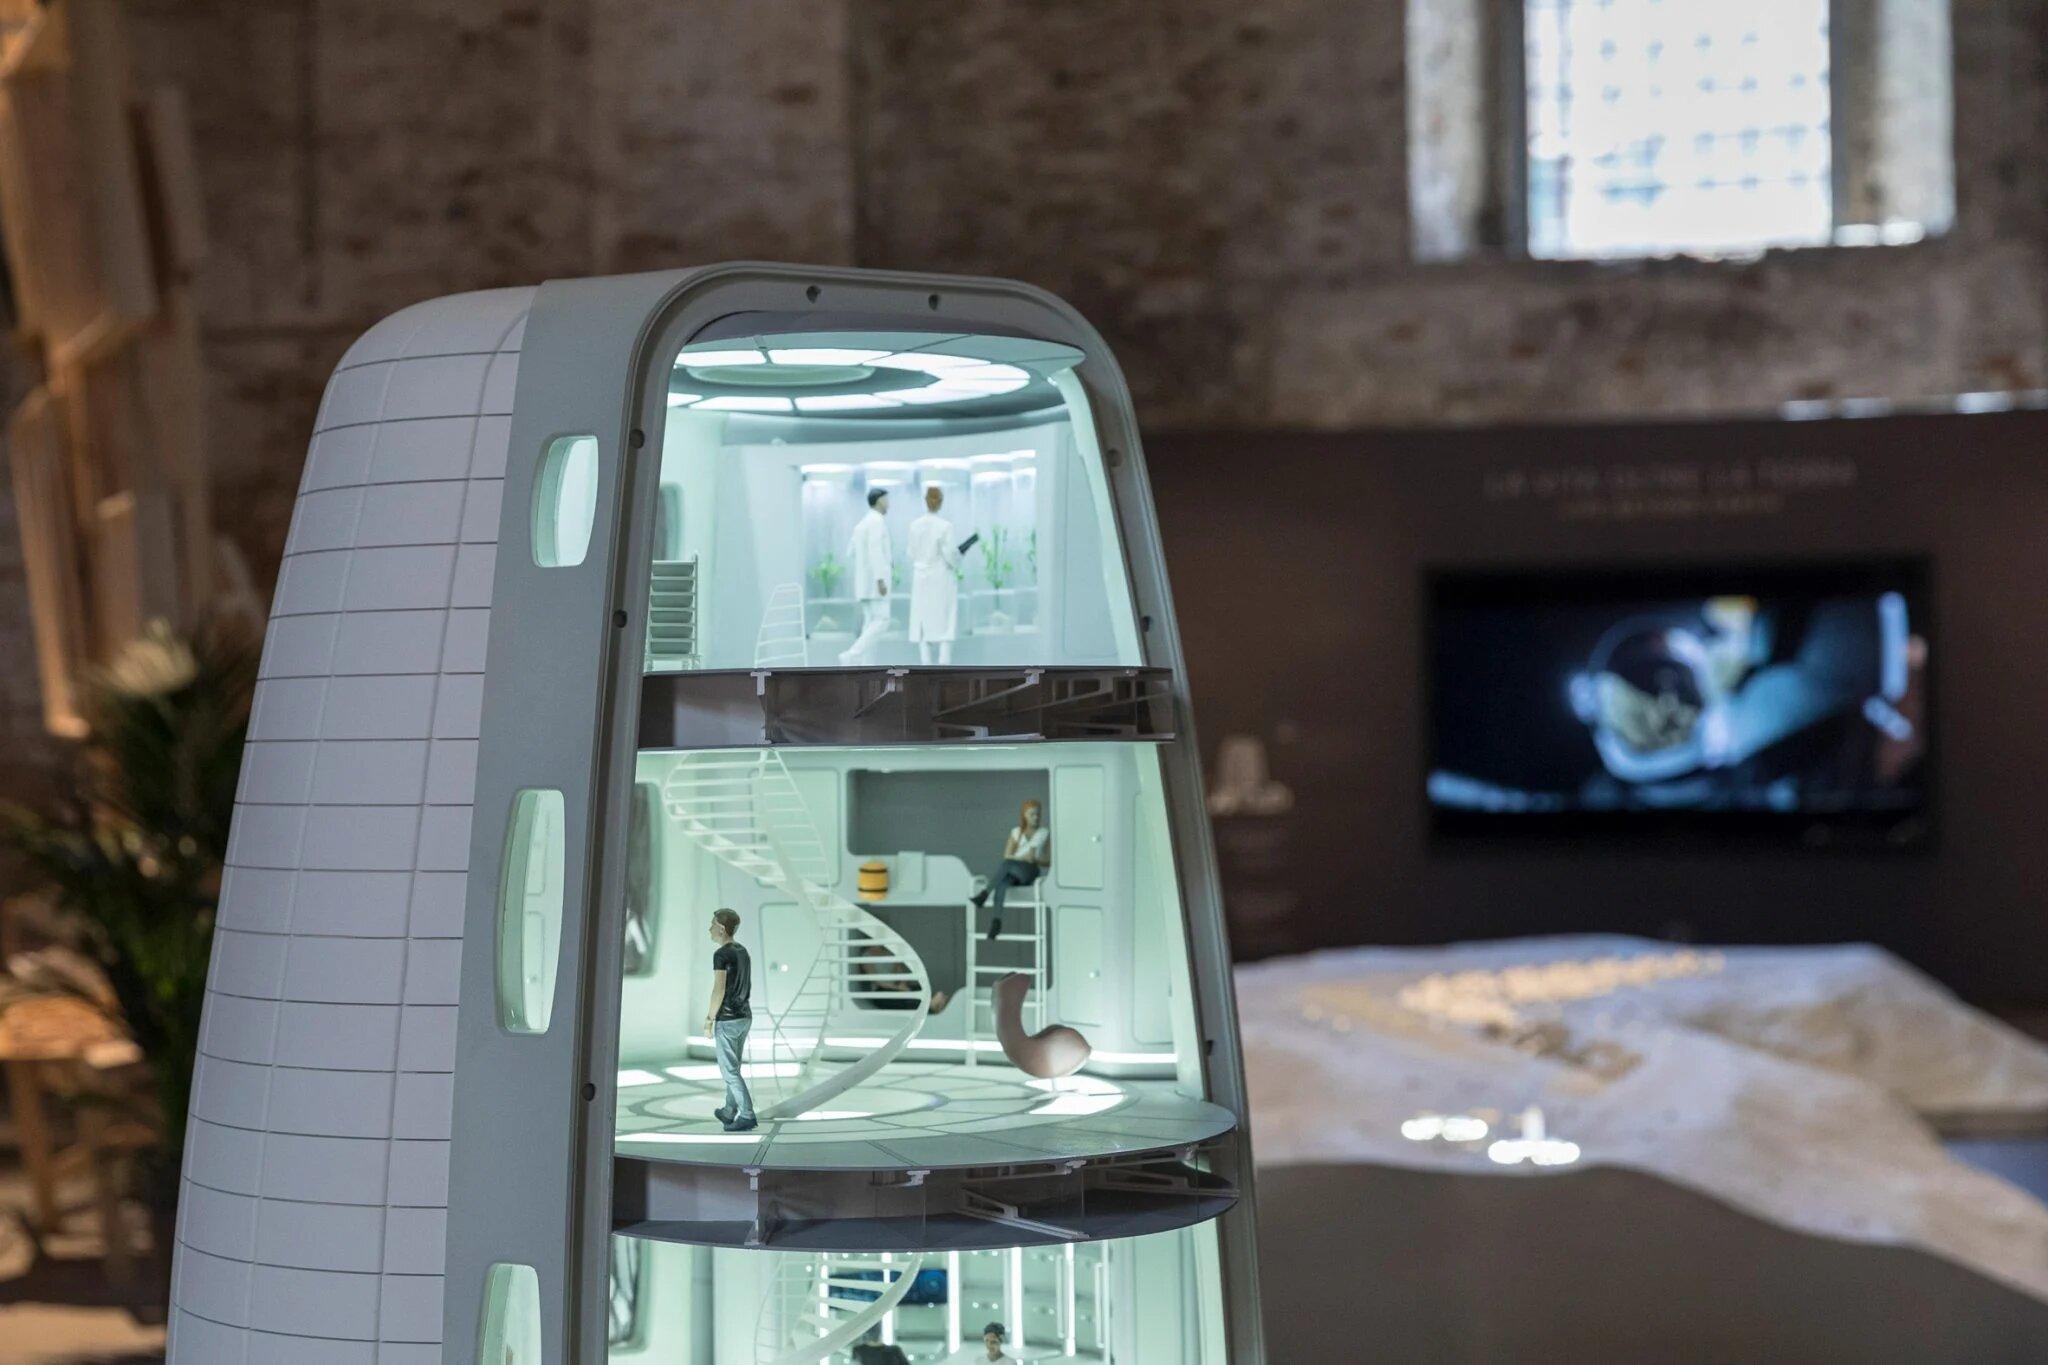 Європейське космічне агентство показало концепт поселення на Місяці з надувними будівлями